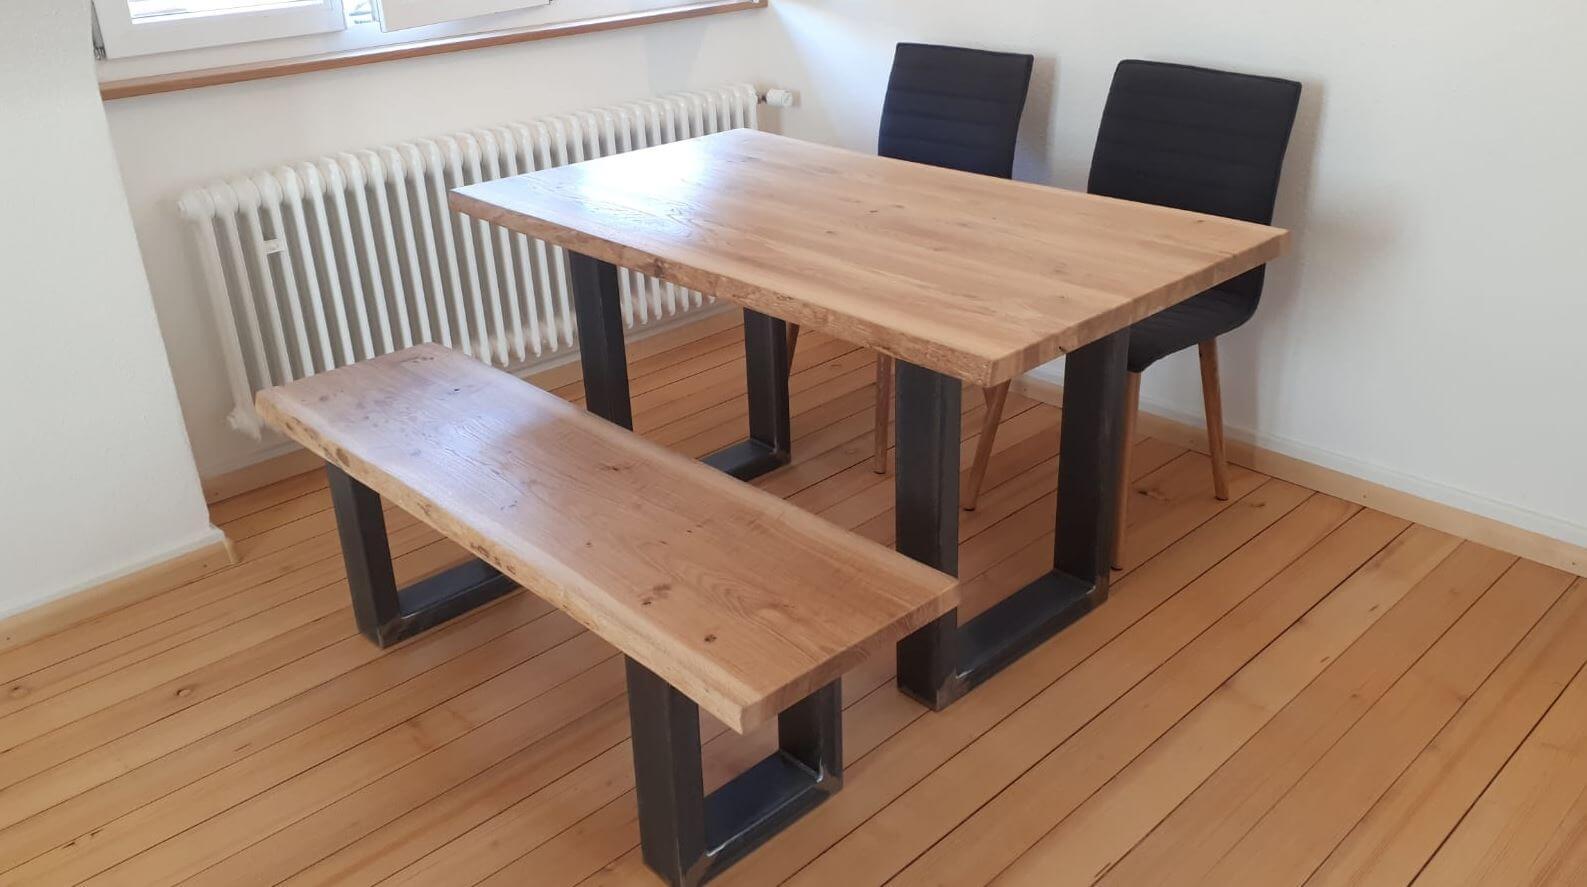 Individuelle Sitzgruppe, Tischplatte Massivholz, Unterbau Stahl